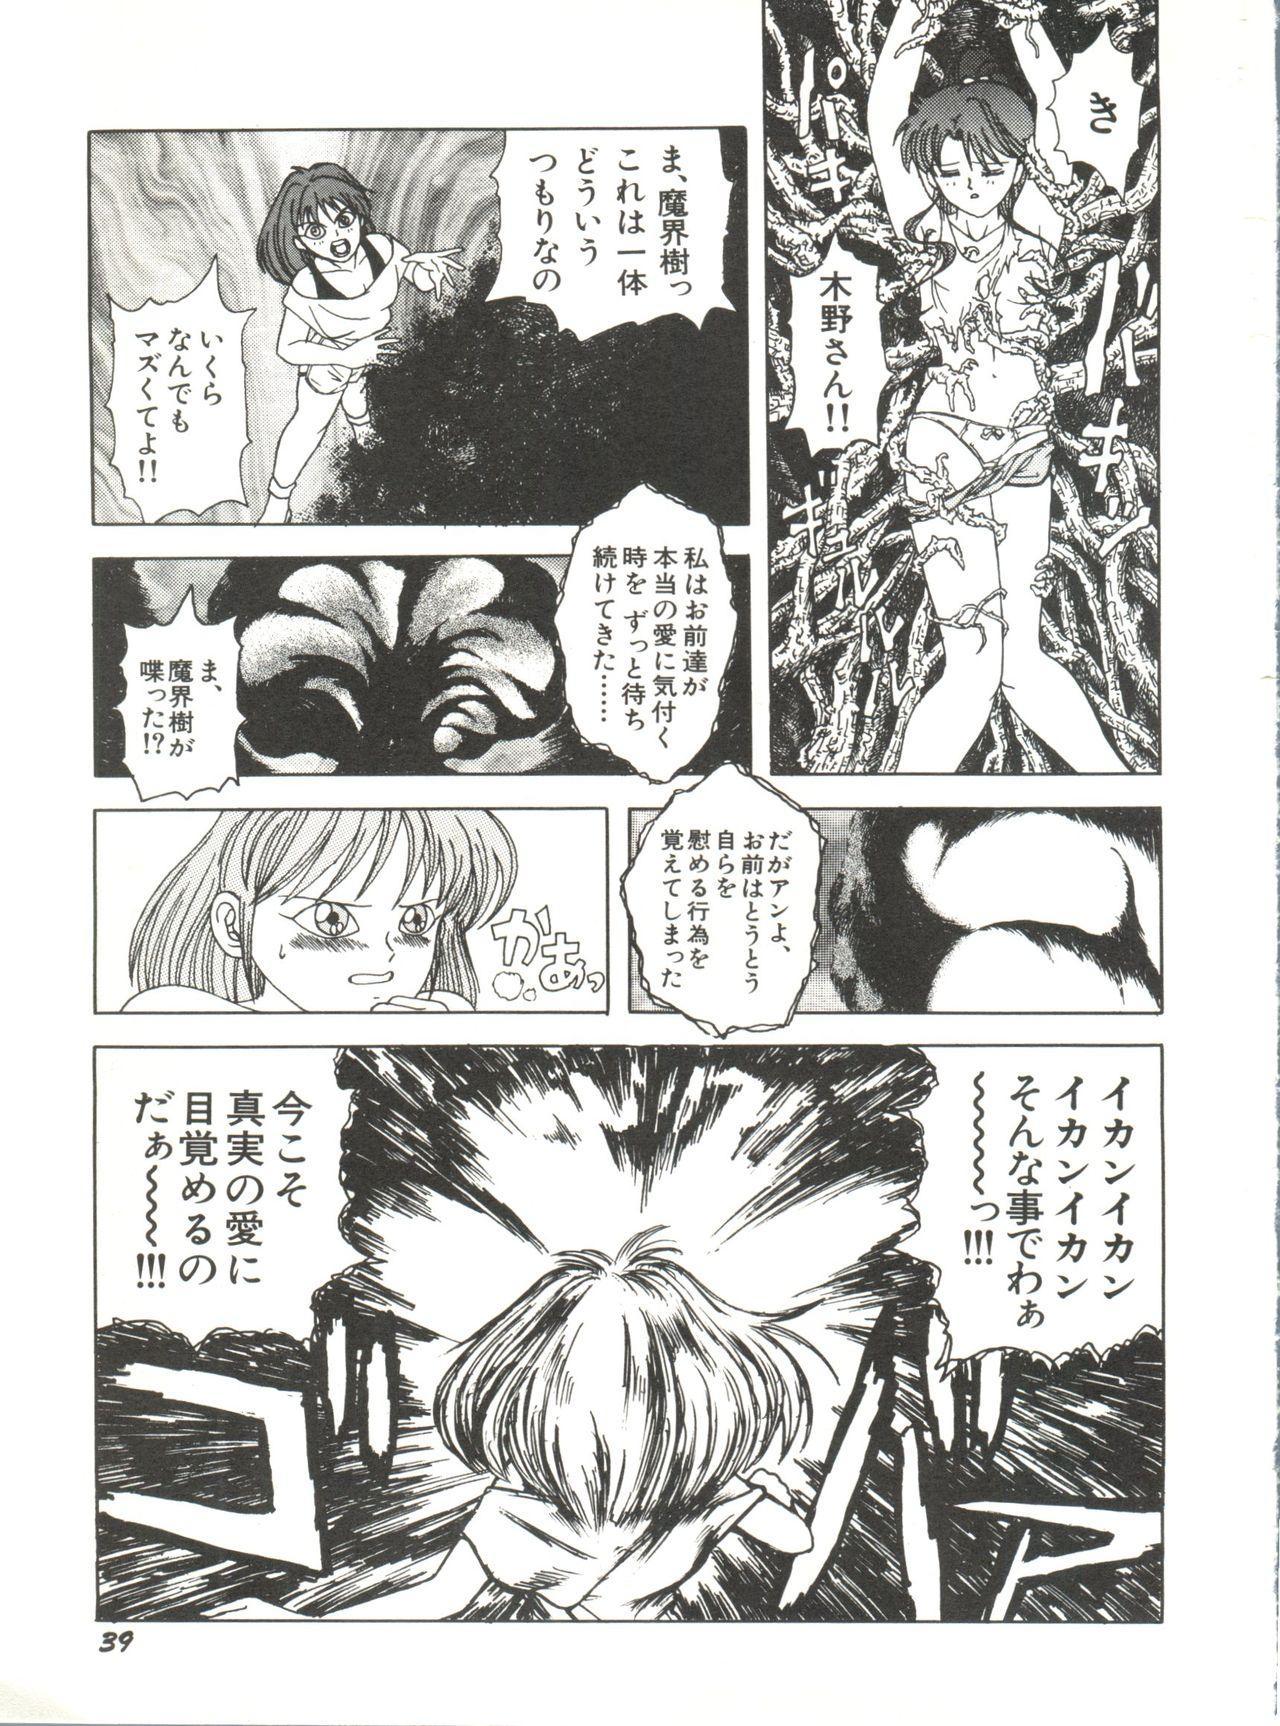 Bishoujo Doujinshi Anthology 12 - Moon Paradise 7 Tsuki no Rakuen 43